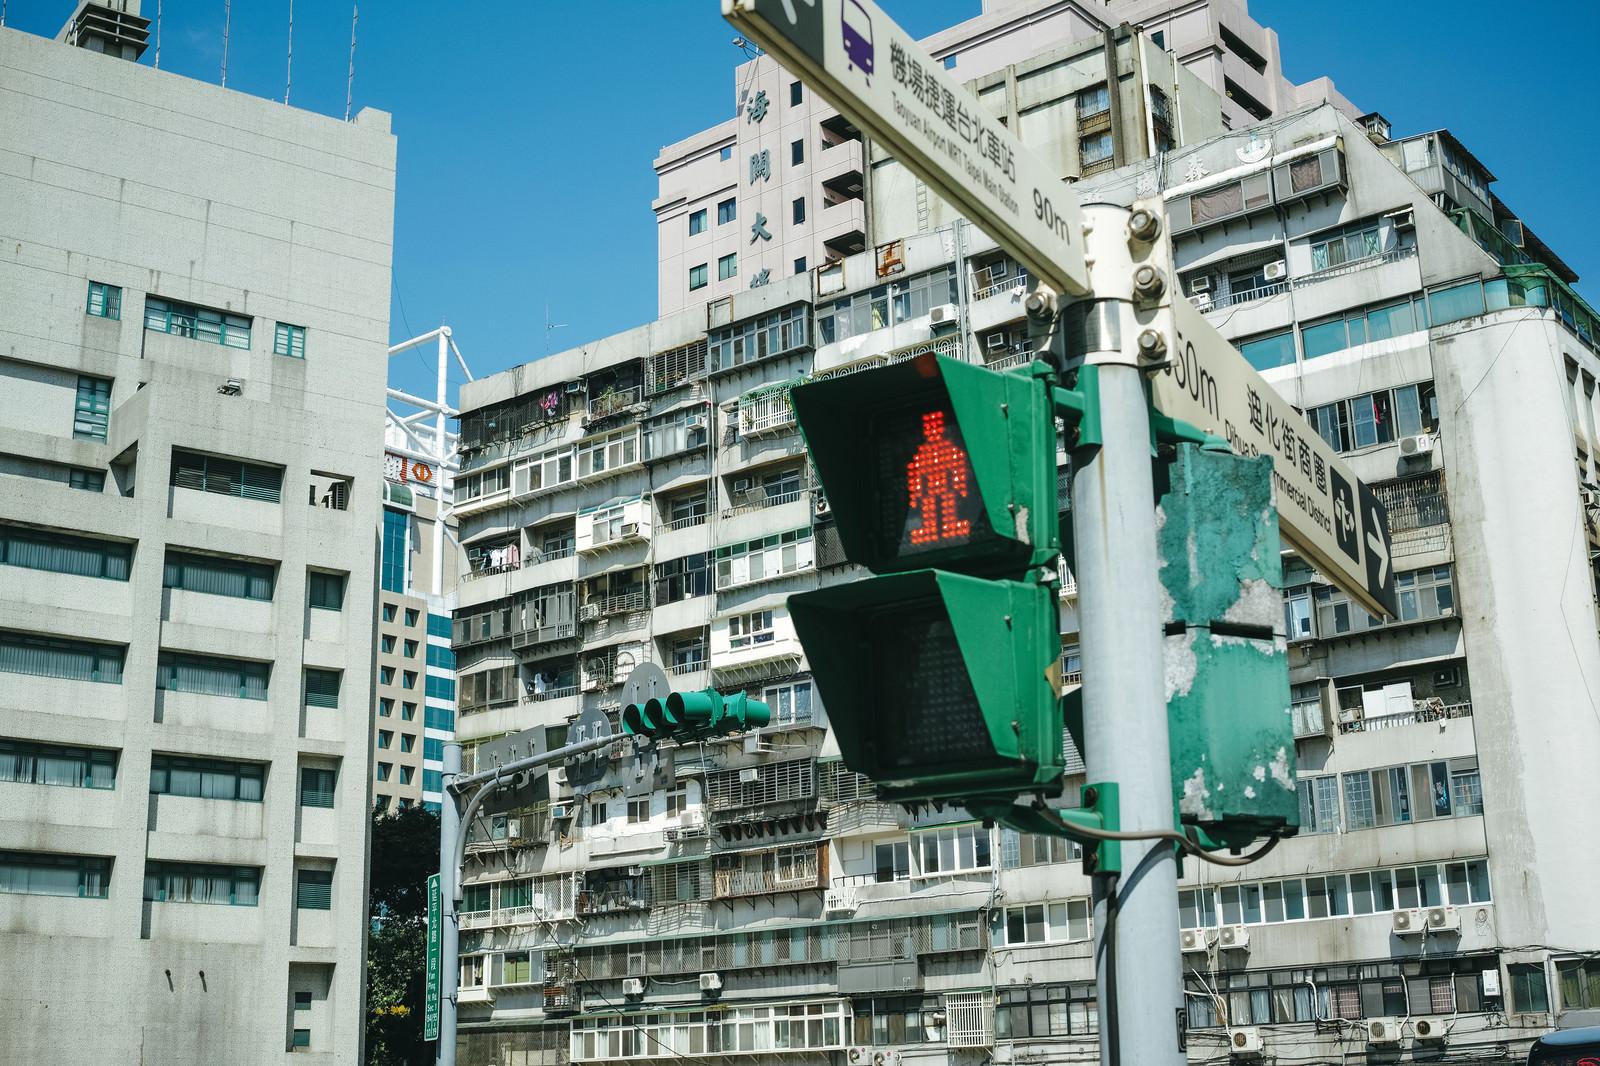 「タイペイの信号機と指導標(台湾)」の写真